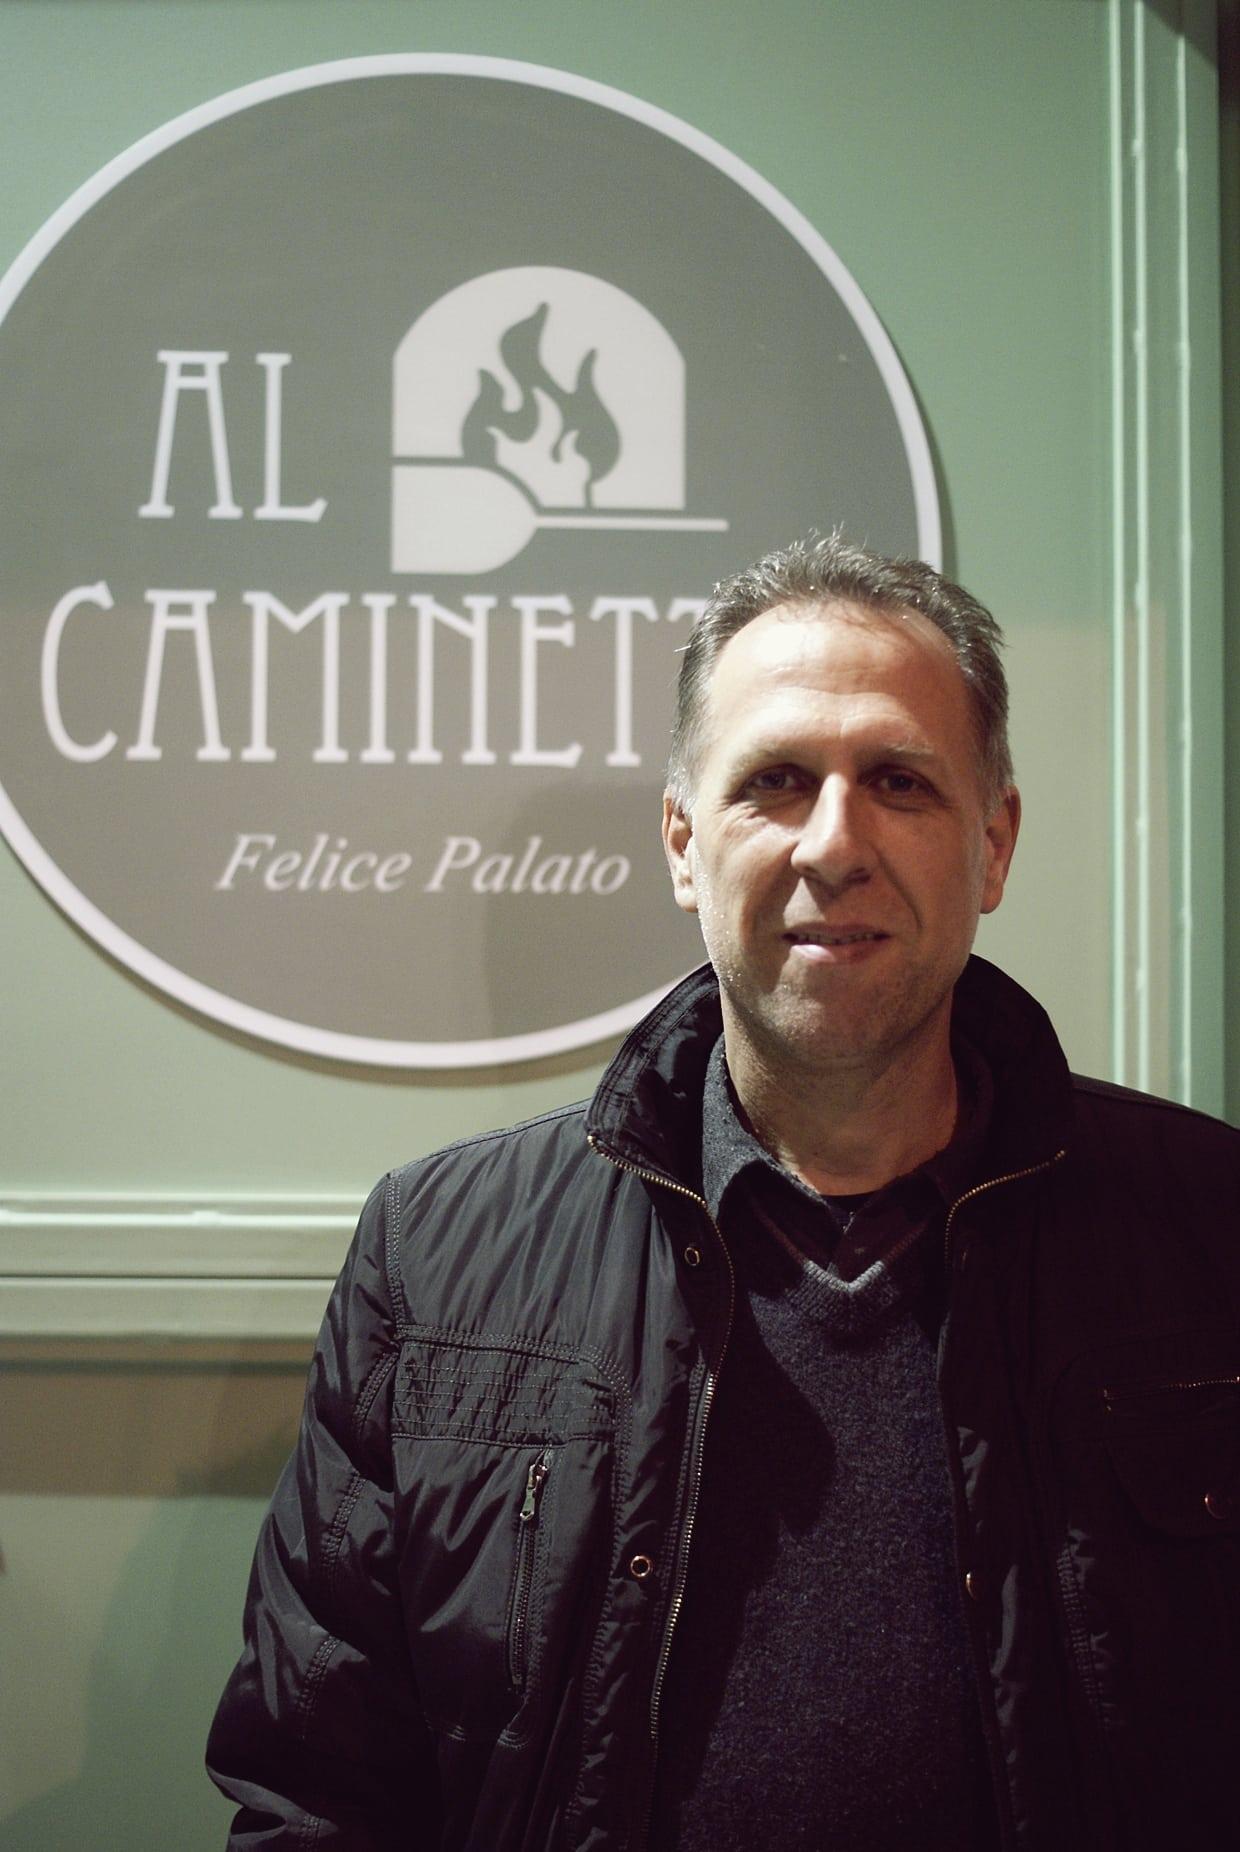 """Το """"Al Caminetto"""" σε περιμένει στην γωνία, να το δοκιμάσεις!"""